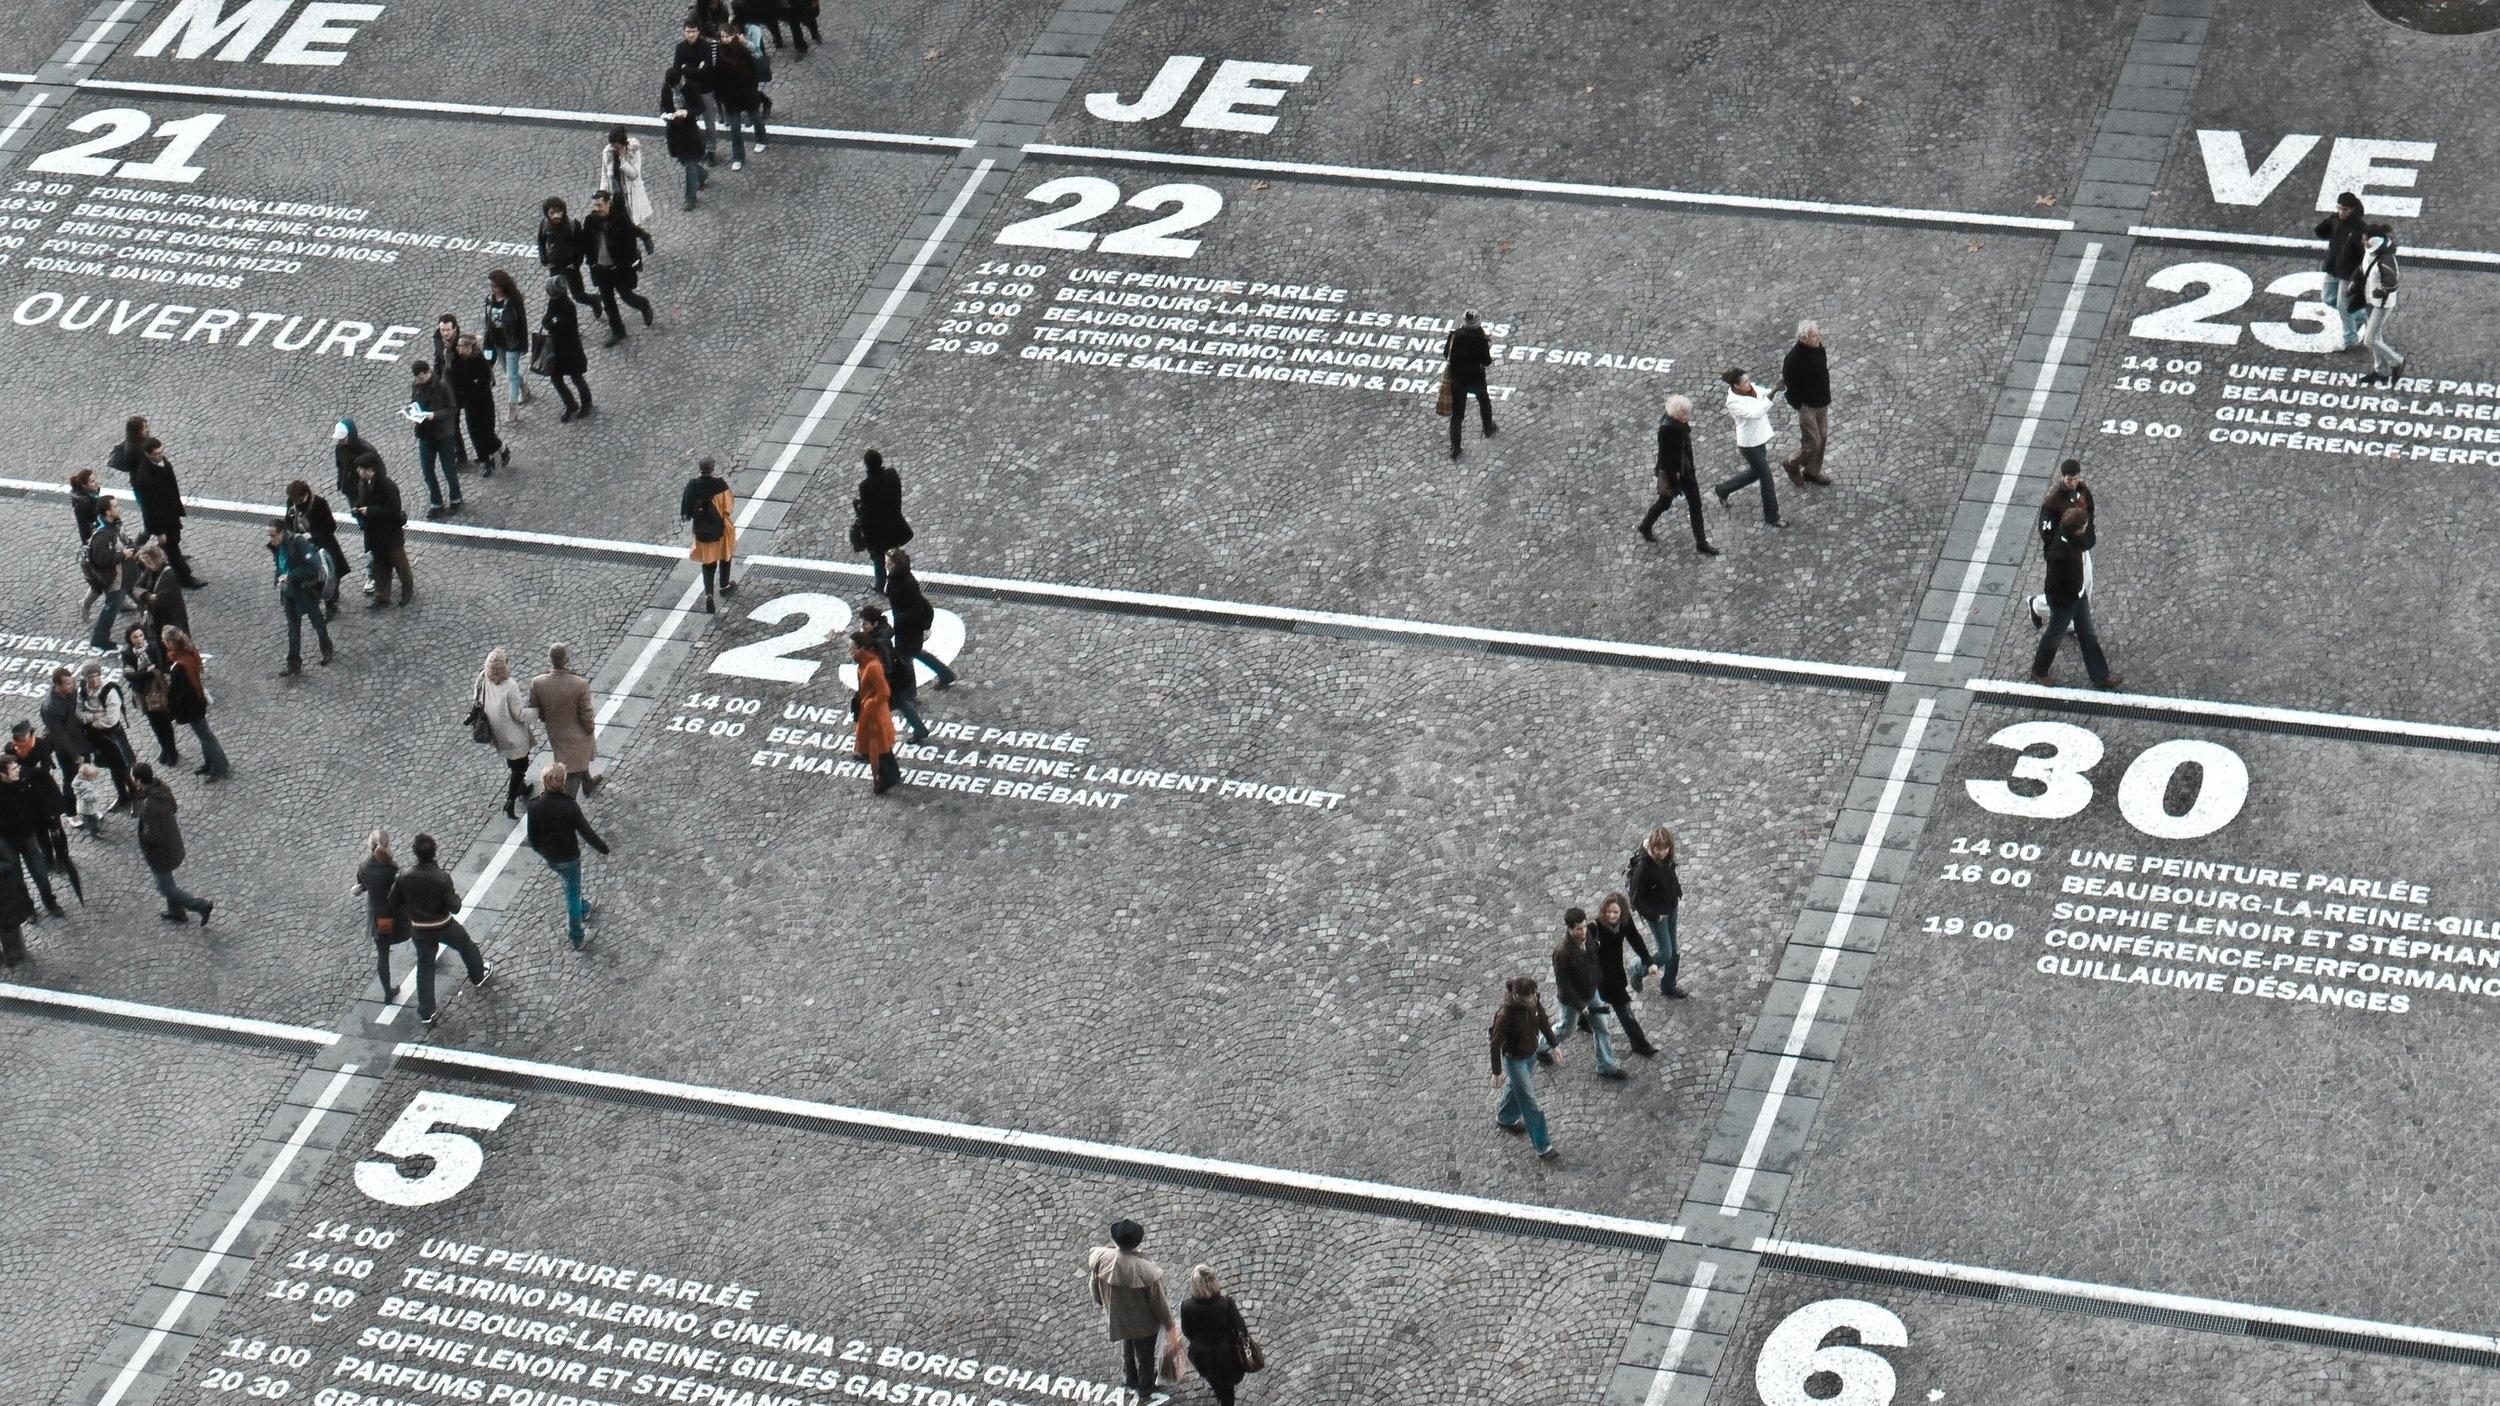 Zielgruppe definieren - Erreichen Sie die passenden Personen mit der passenden Message. Gemeinsam mit Ihnen definieren wir die optimalen Zielgruppen.